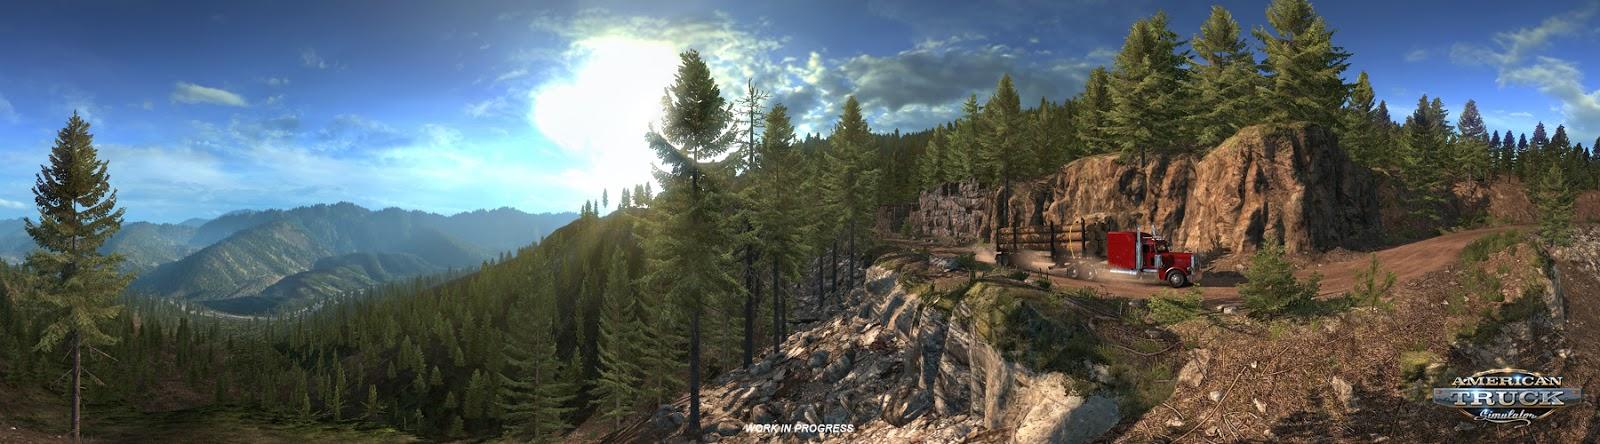 ATS Logging Road 3.jpg